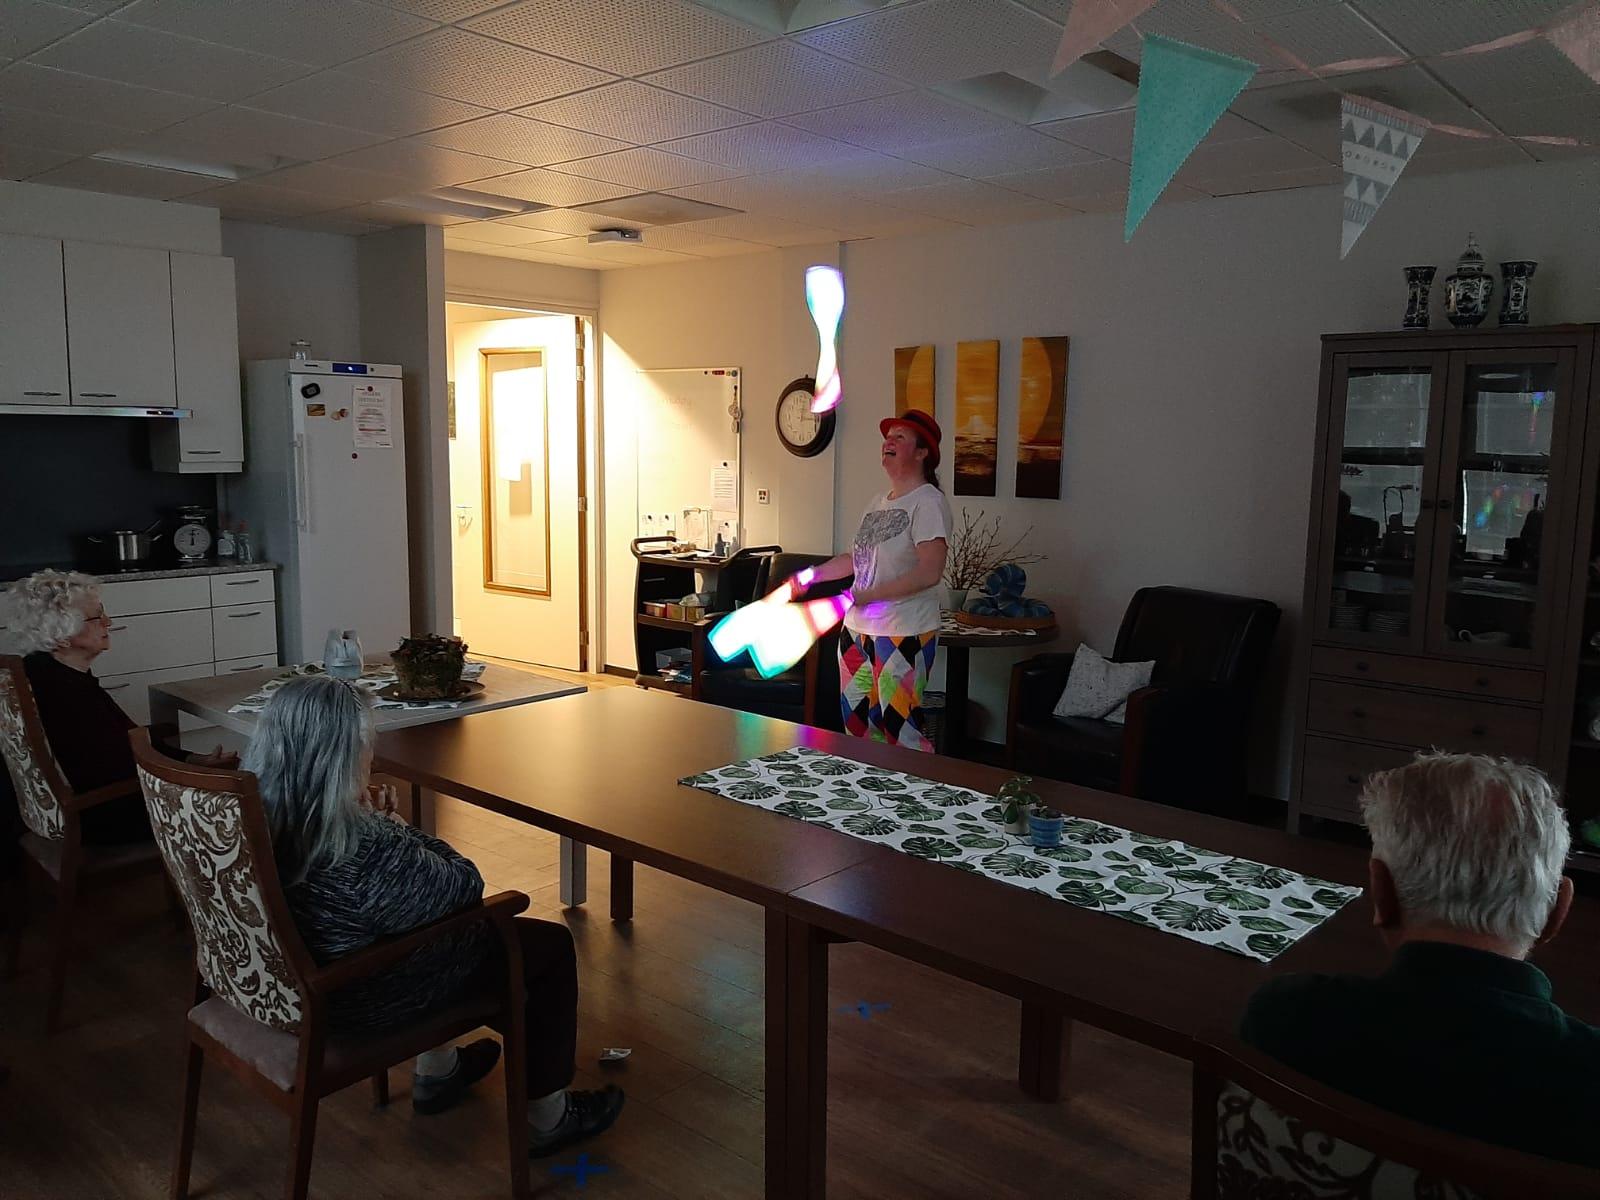 Jongleur Kiko leuke, interactieve en verassende corona-proof jongleershow voor ouderen in verpleeghuizen hier jonglerend met lichtgevende kegels